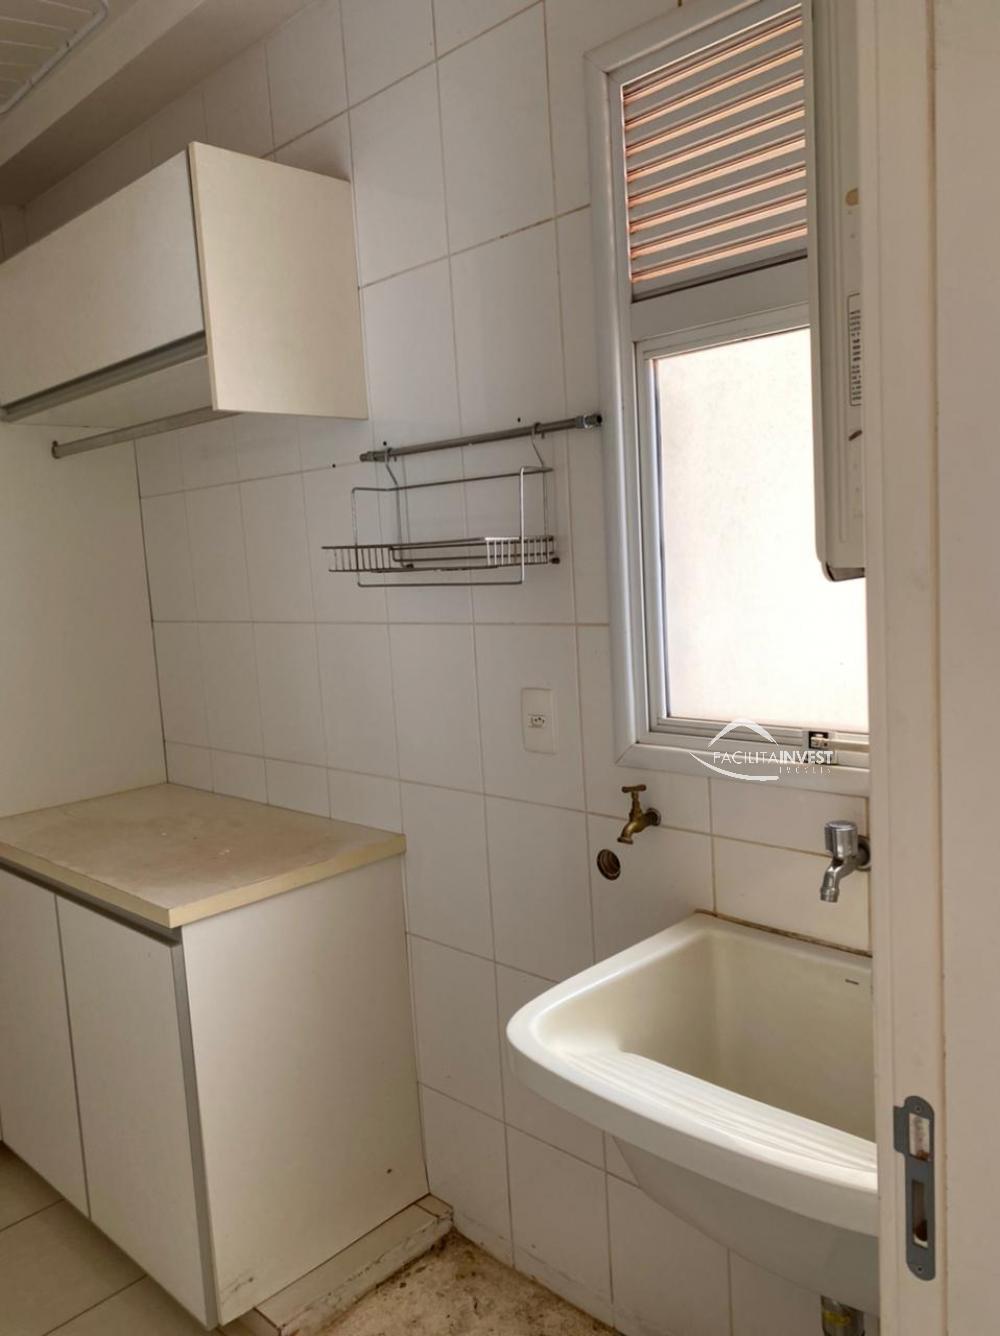 Alugar Apartamentos / Apart. Padrão em Ribeirão Preto R$ 2.400,00 - Foto 11